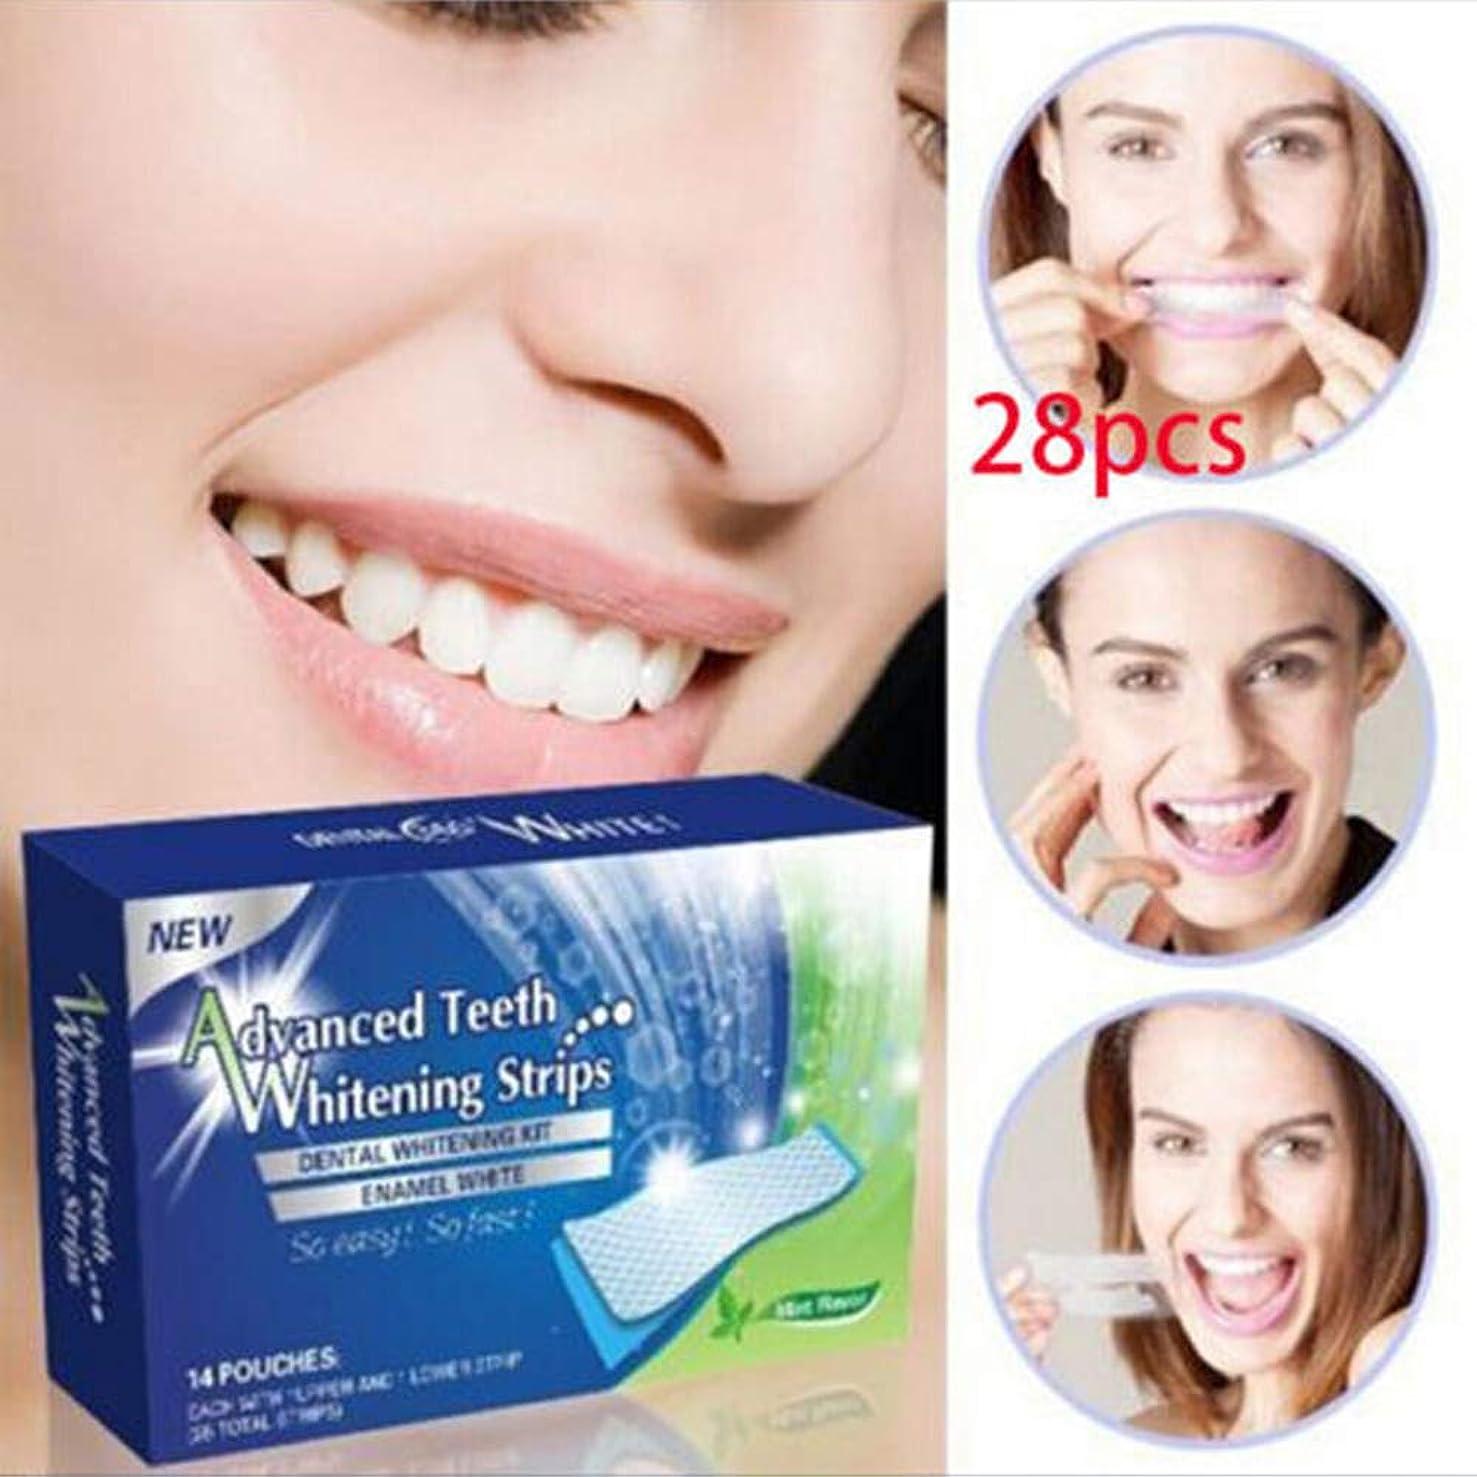 脊椎申請者脊椎歯 美白 ホワイトニング マニキュア 歯ケア 歯のホワイトニング 美白歯磨き 歯を白 ホワイトニングテープ 歯を漂白 14セット/28枚